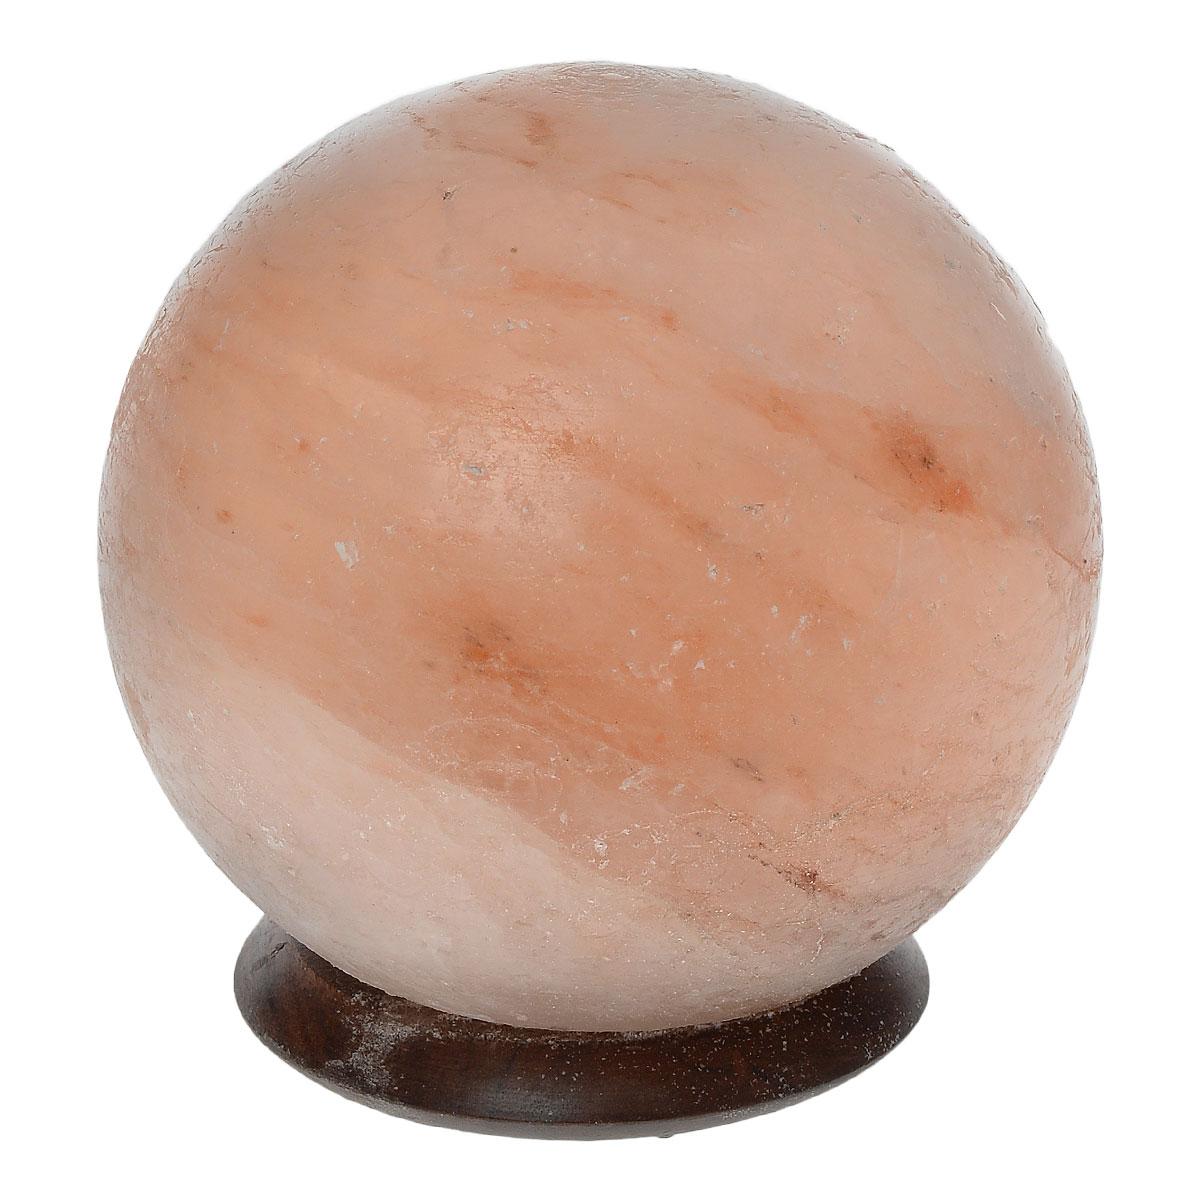 Лампа солевая Zenet Шар2180Лампа Zenet Шар, изготовленная из природной каменной соли, имеет форму шара. Материал плафона лампы - натуральная гималайская соль из Пакистана. Соль в холодном состоянии обладает способностью поглощать влагу из воздуха, а при нагреве выделять влагу. Источником света в лампе служит электрическая лампочка (входит в комплект). Изделие имеет деревянную подставку. Солевая лампа станет не только прекрасным элементом интерьера, но и мягким природным ионизатором, который принесет в ваш дом красоту, гармонию и здоровье. Преимущества очищения воздуха каменной солью: - облегчение головной боли при мигрени, - повышение уровня серотонина в крови, - уменьшение тяжести приступов астмы, - укрепление иммунной системы и снижение уязвимости к простуде и гриппу. Напряжение: 220 В. Максимальная мощность: 15 Вт. Тип патрона: Е14. Высота лампы: 16 см. Диаметр: 14 см. Диаметр подставки: 10 см. Высота подставки: 2 см....